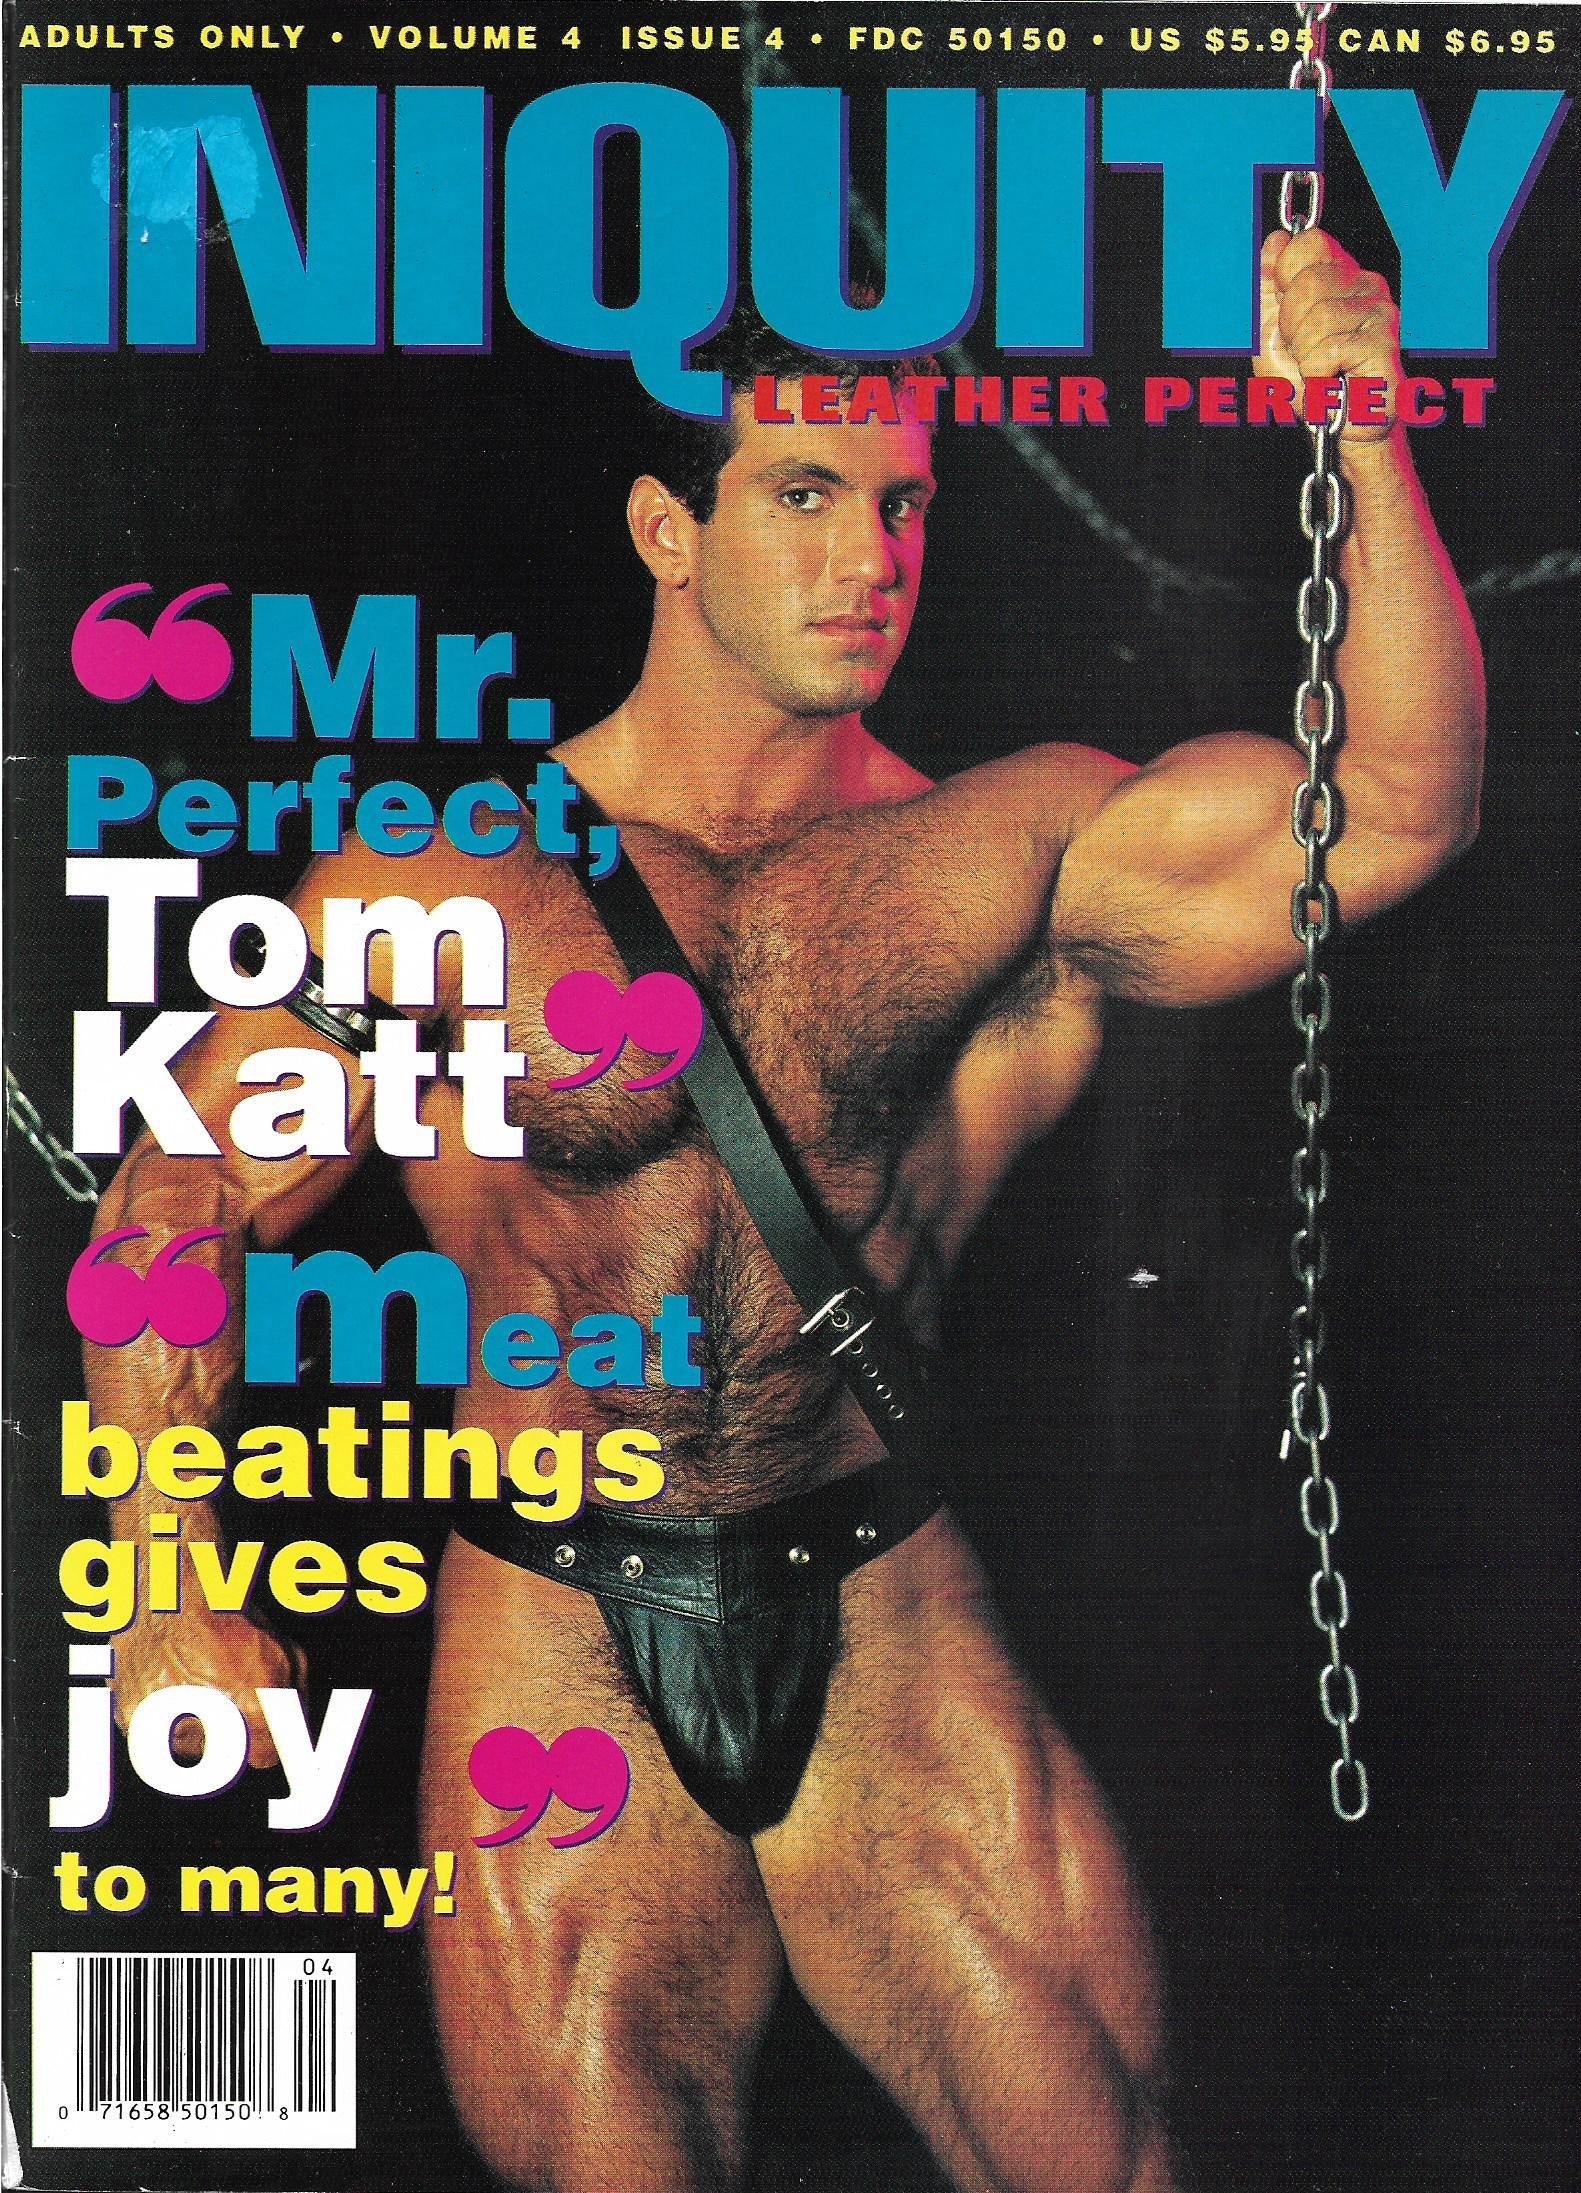 Tom Katt Gay